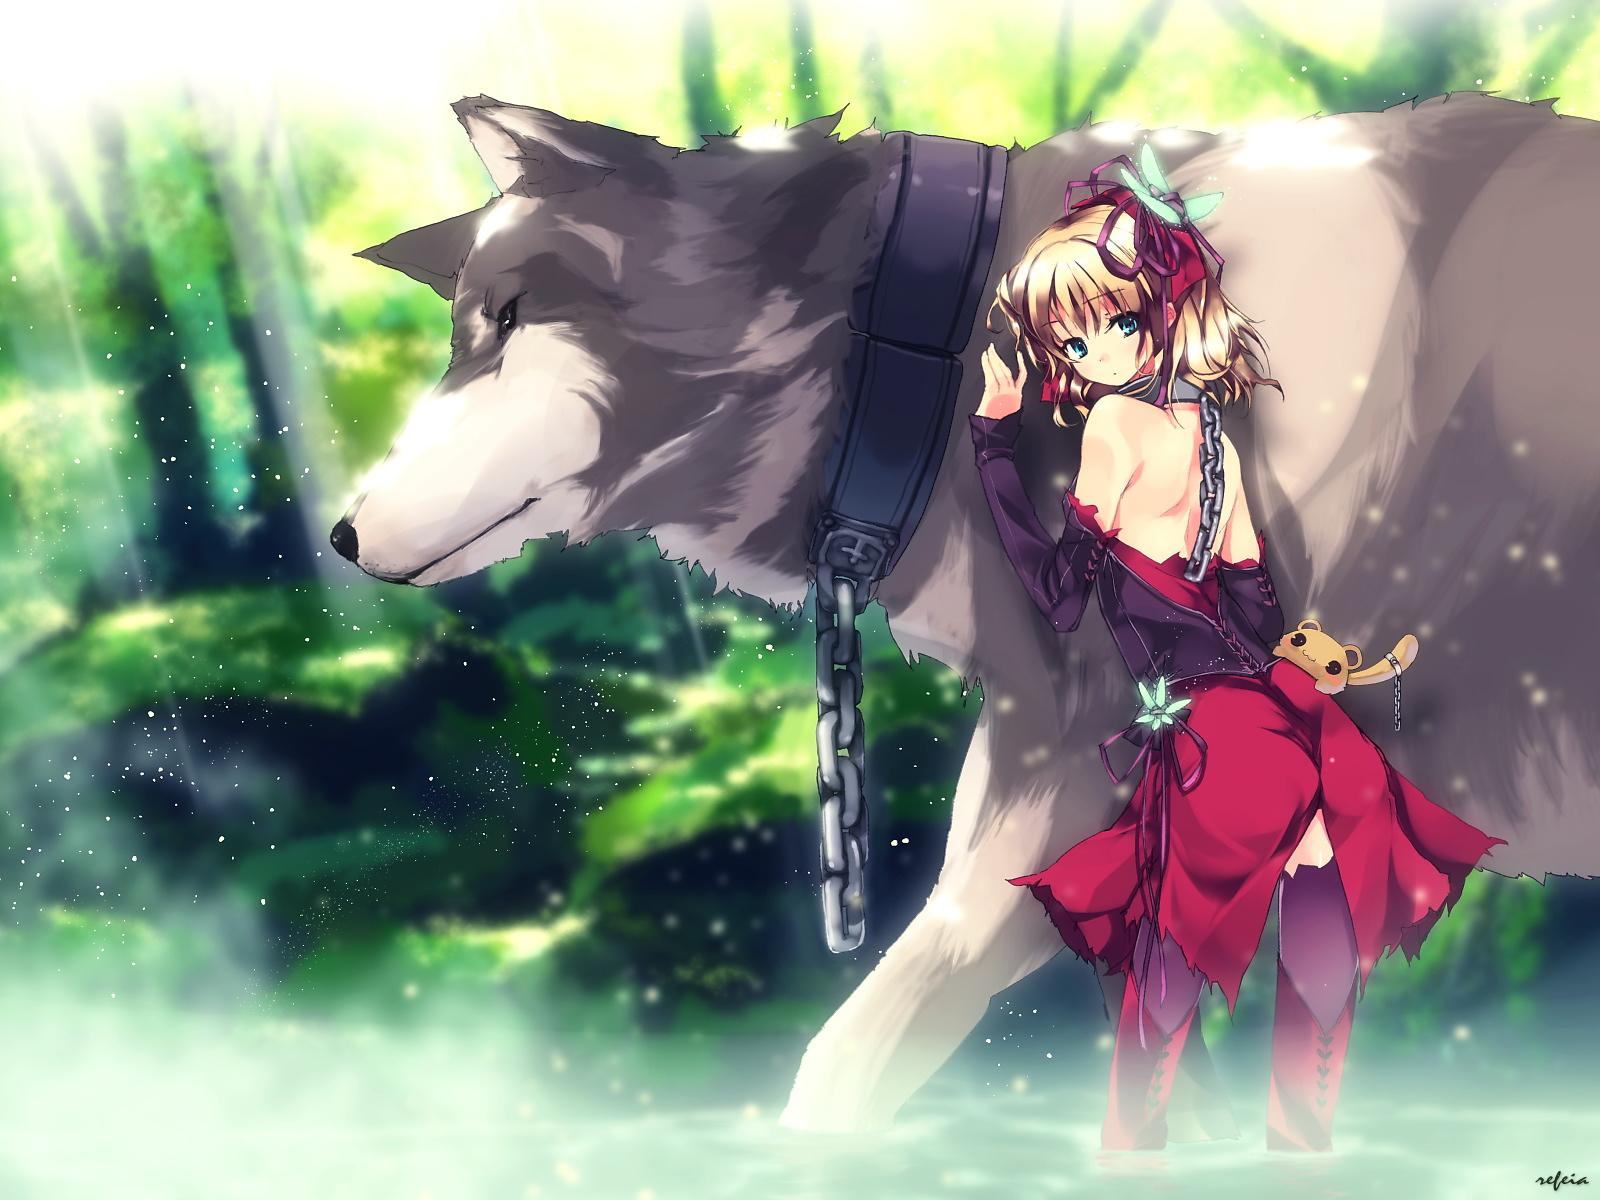 Refeia Wallpaper #272302 - Zerochan Anime Image Board